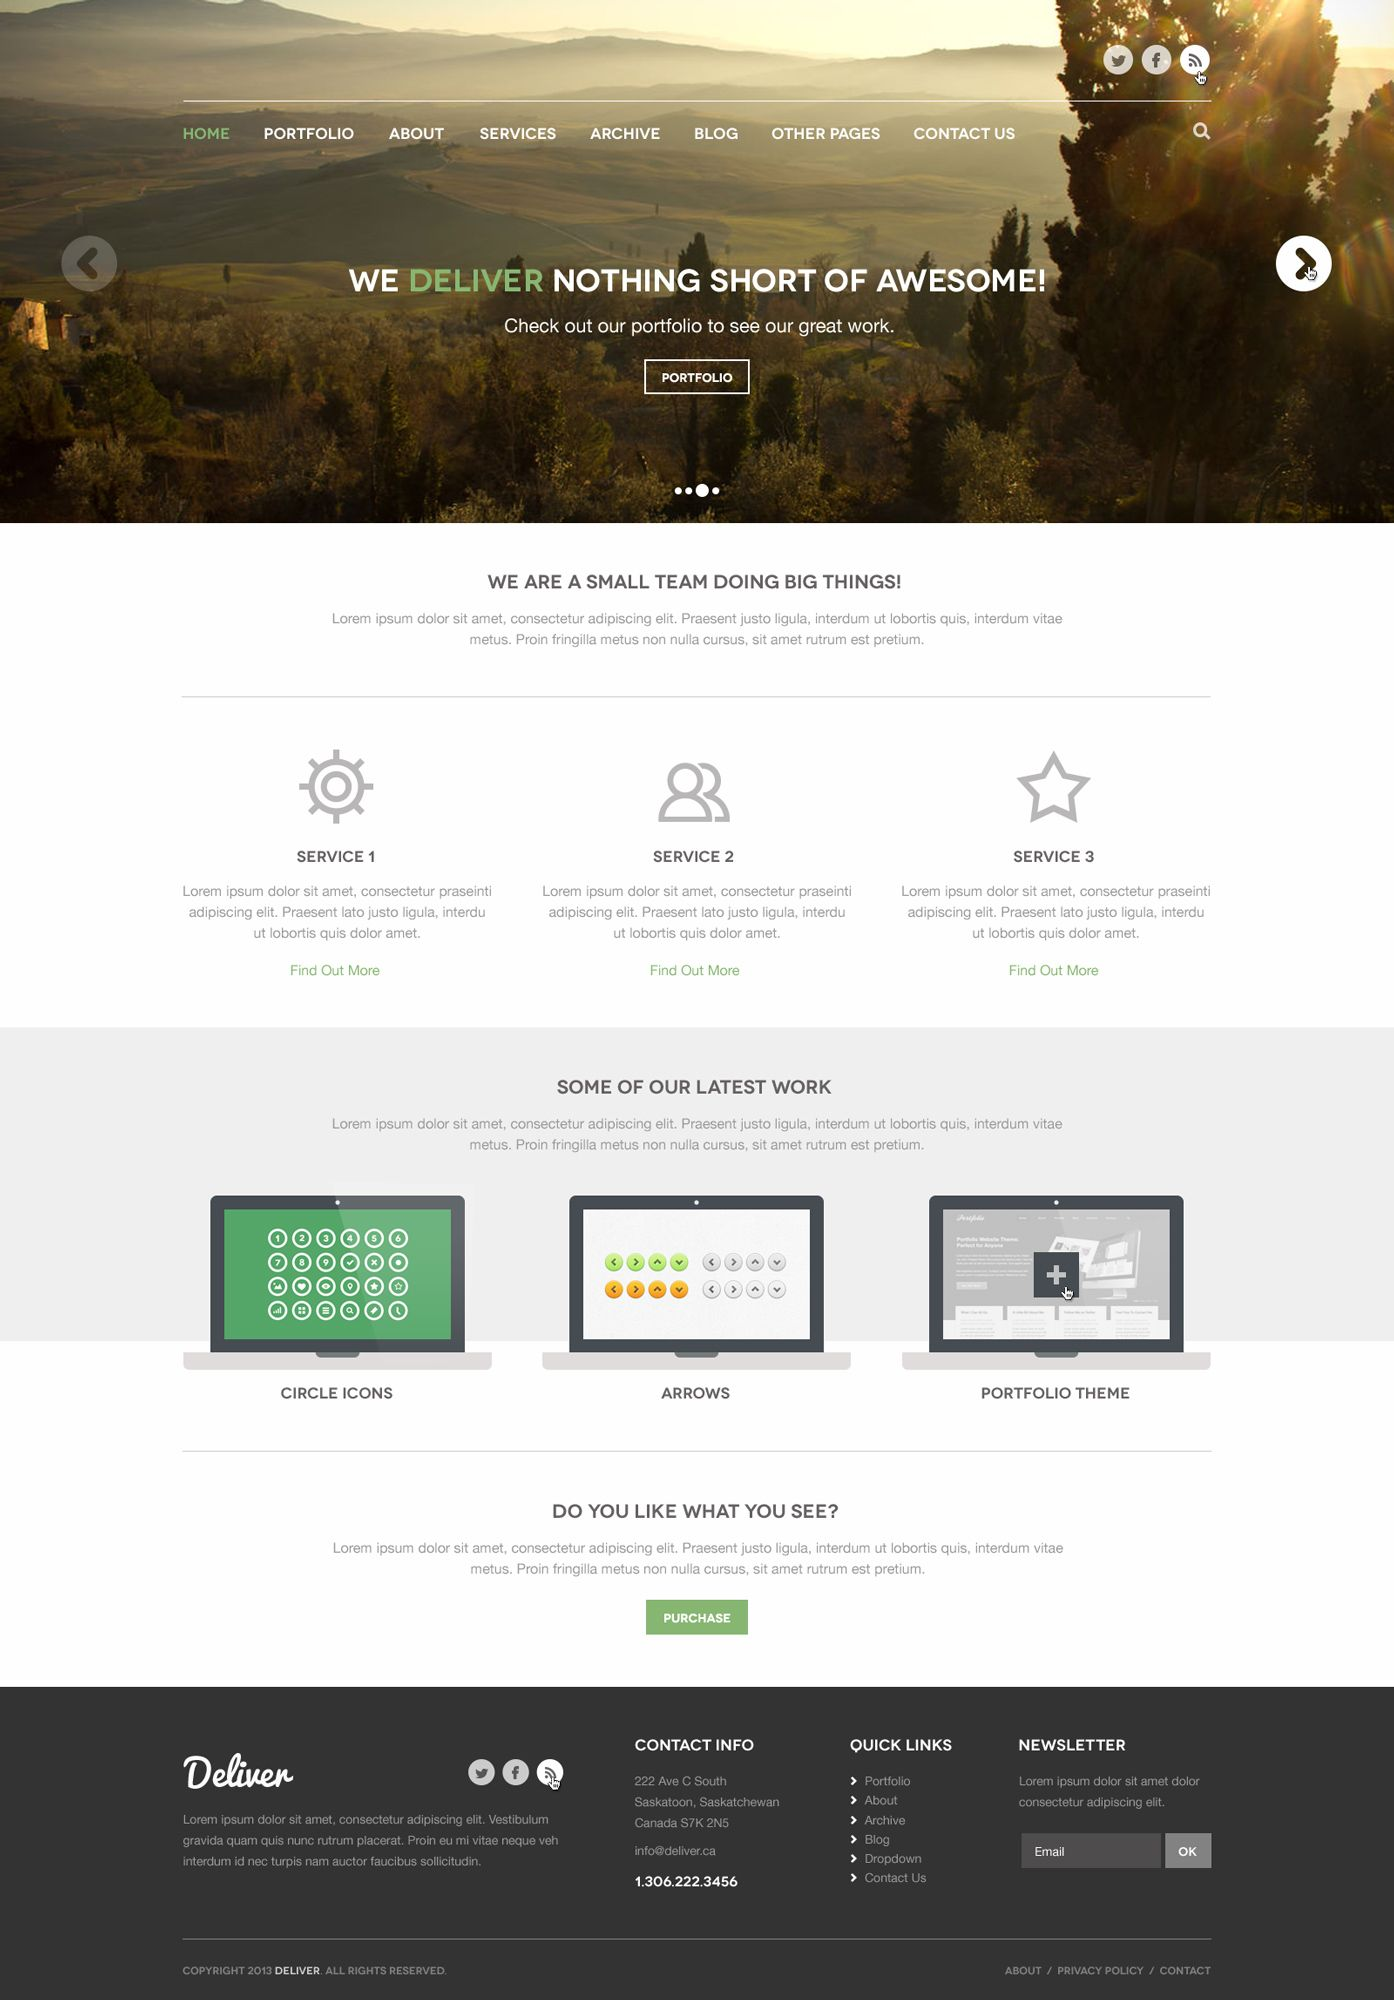 Адаптивный дизайн главной сайта (под мобилки) - дизайнер seba-furego